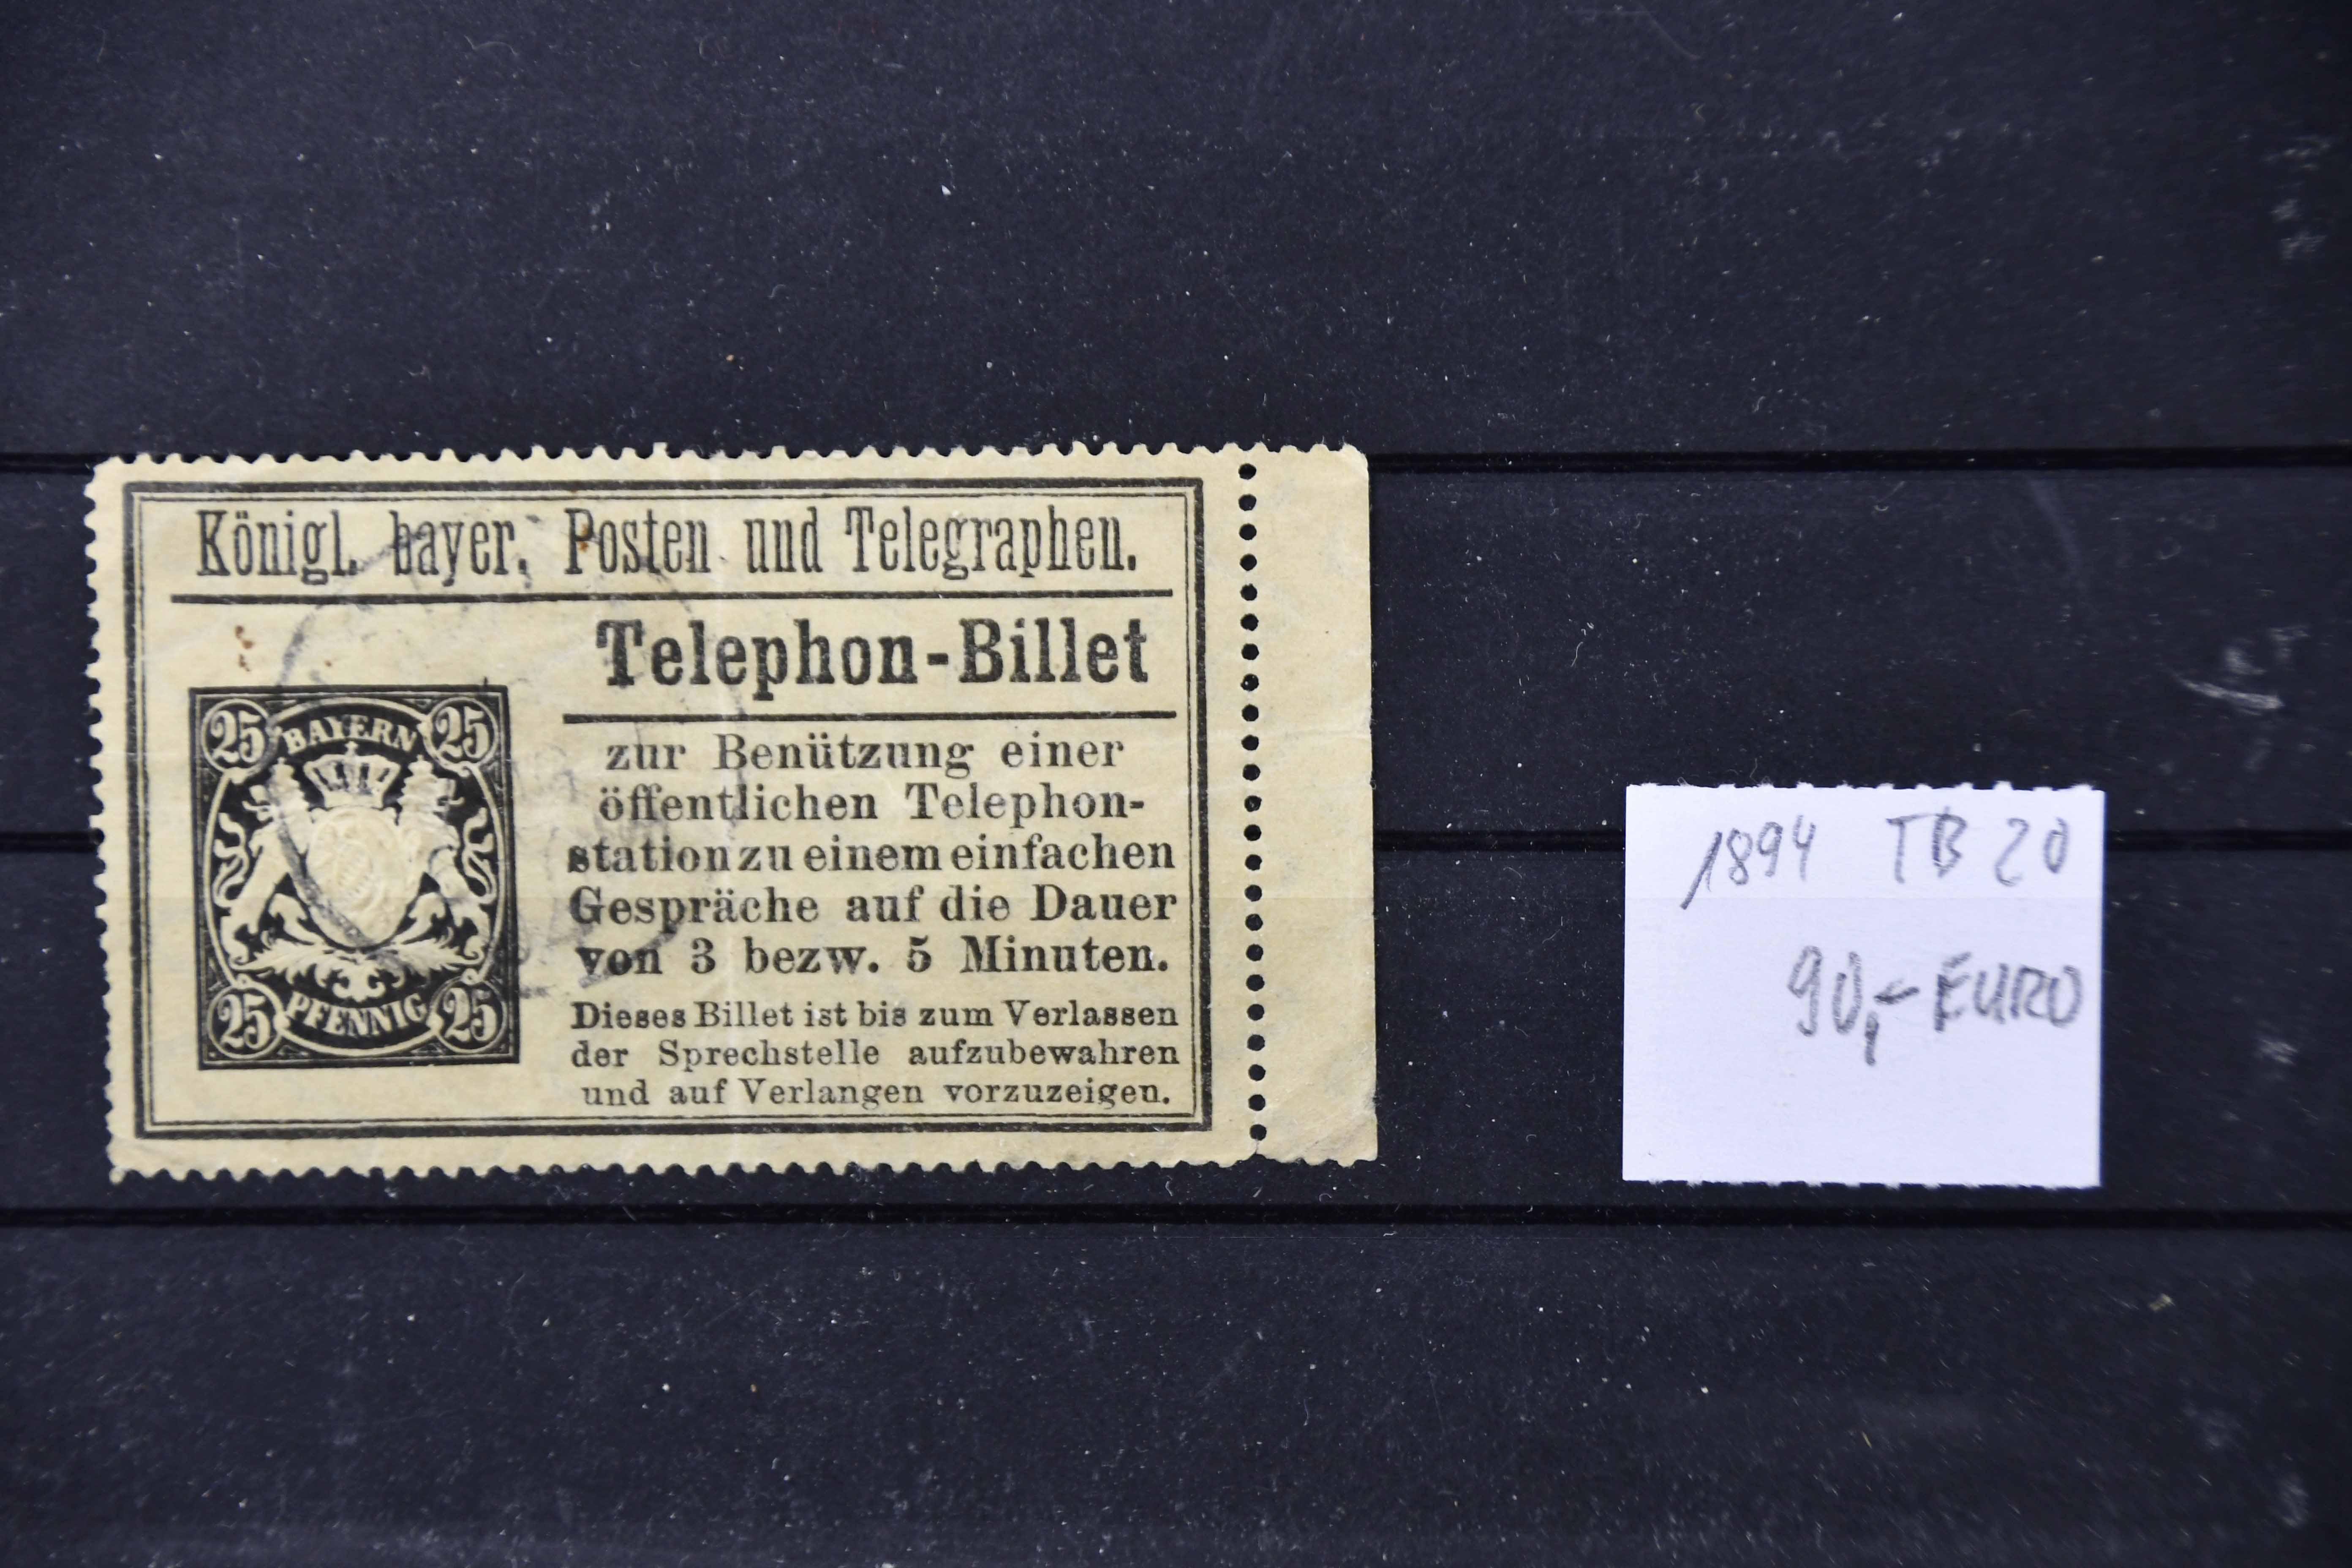 Lot 6130 - Nachlässe, Kartonabteilung S -  Auktionshaus Ulrich Felzmann GmbH & Co. KG Auction 170 International Autumn Auction 2020 Day 5